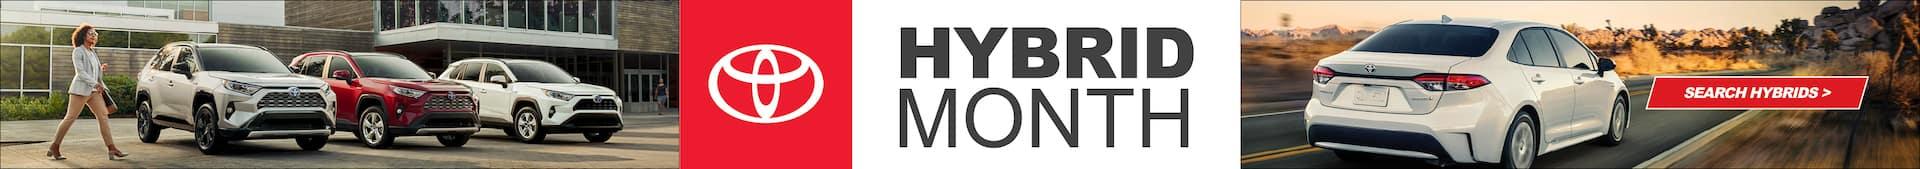 Hybrid Month